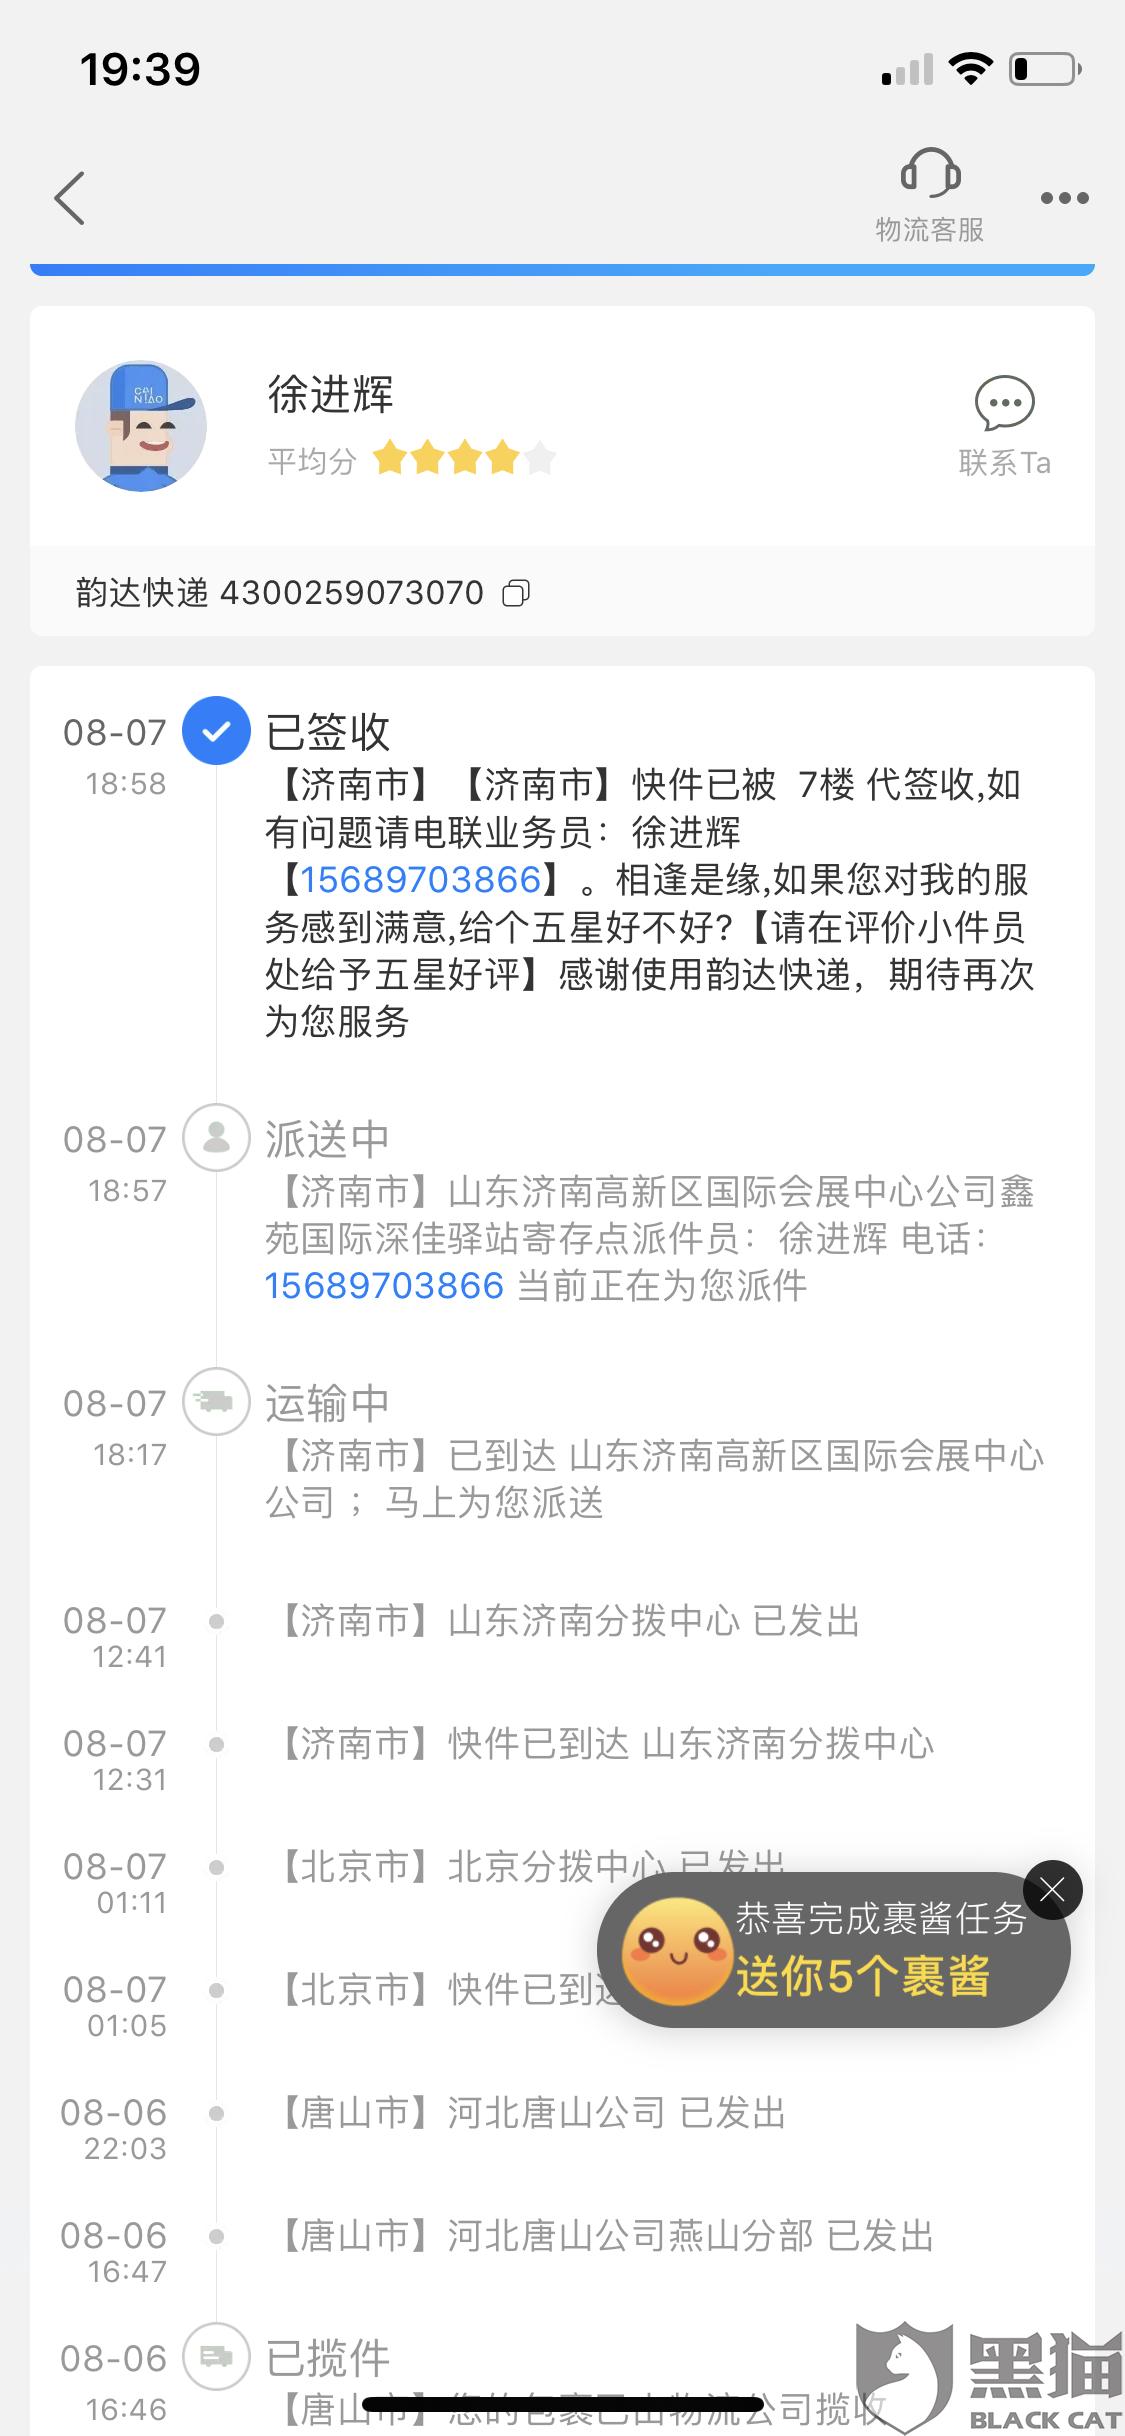 黑猫投诉:山东高速信联支付有限公司etc注销不了